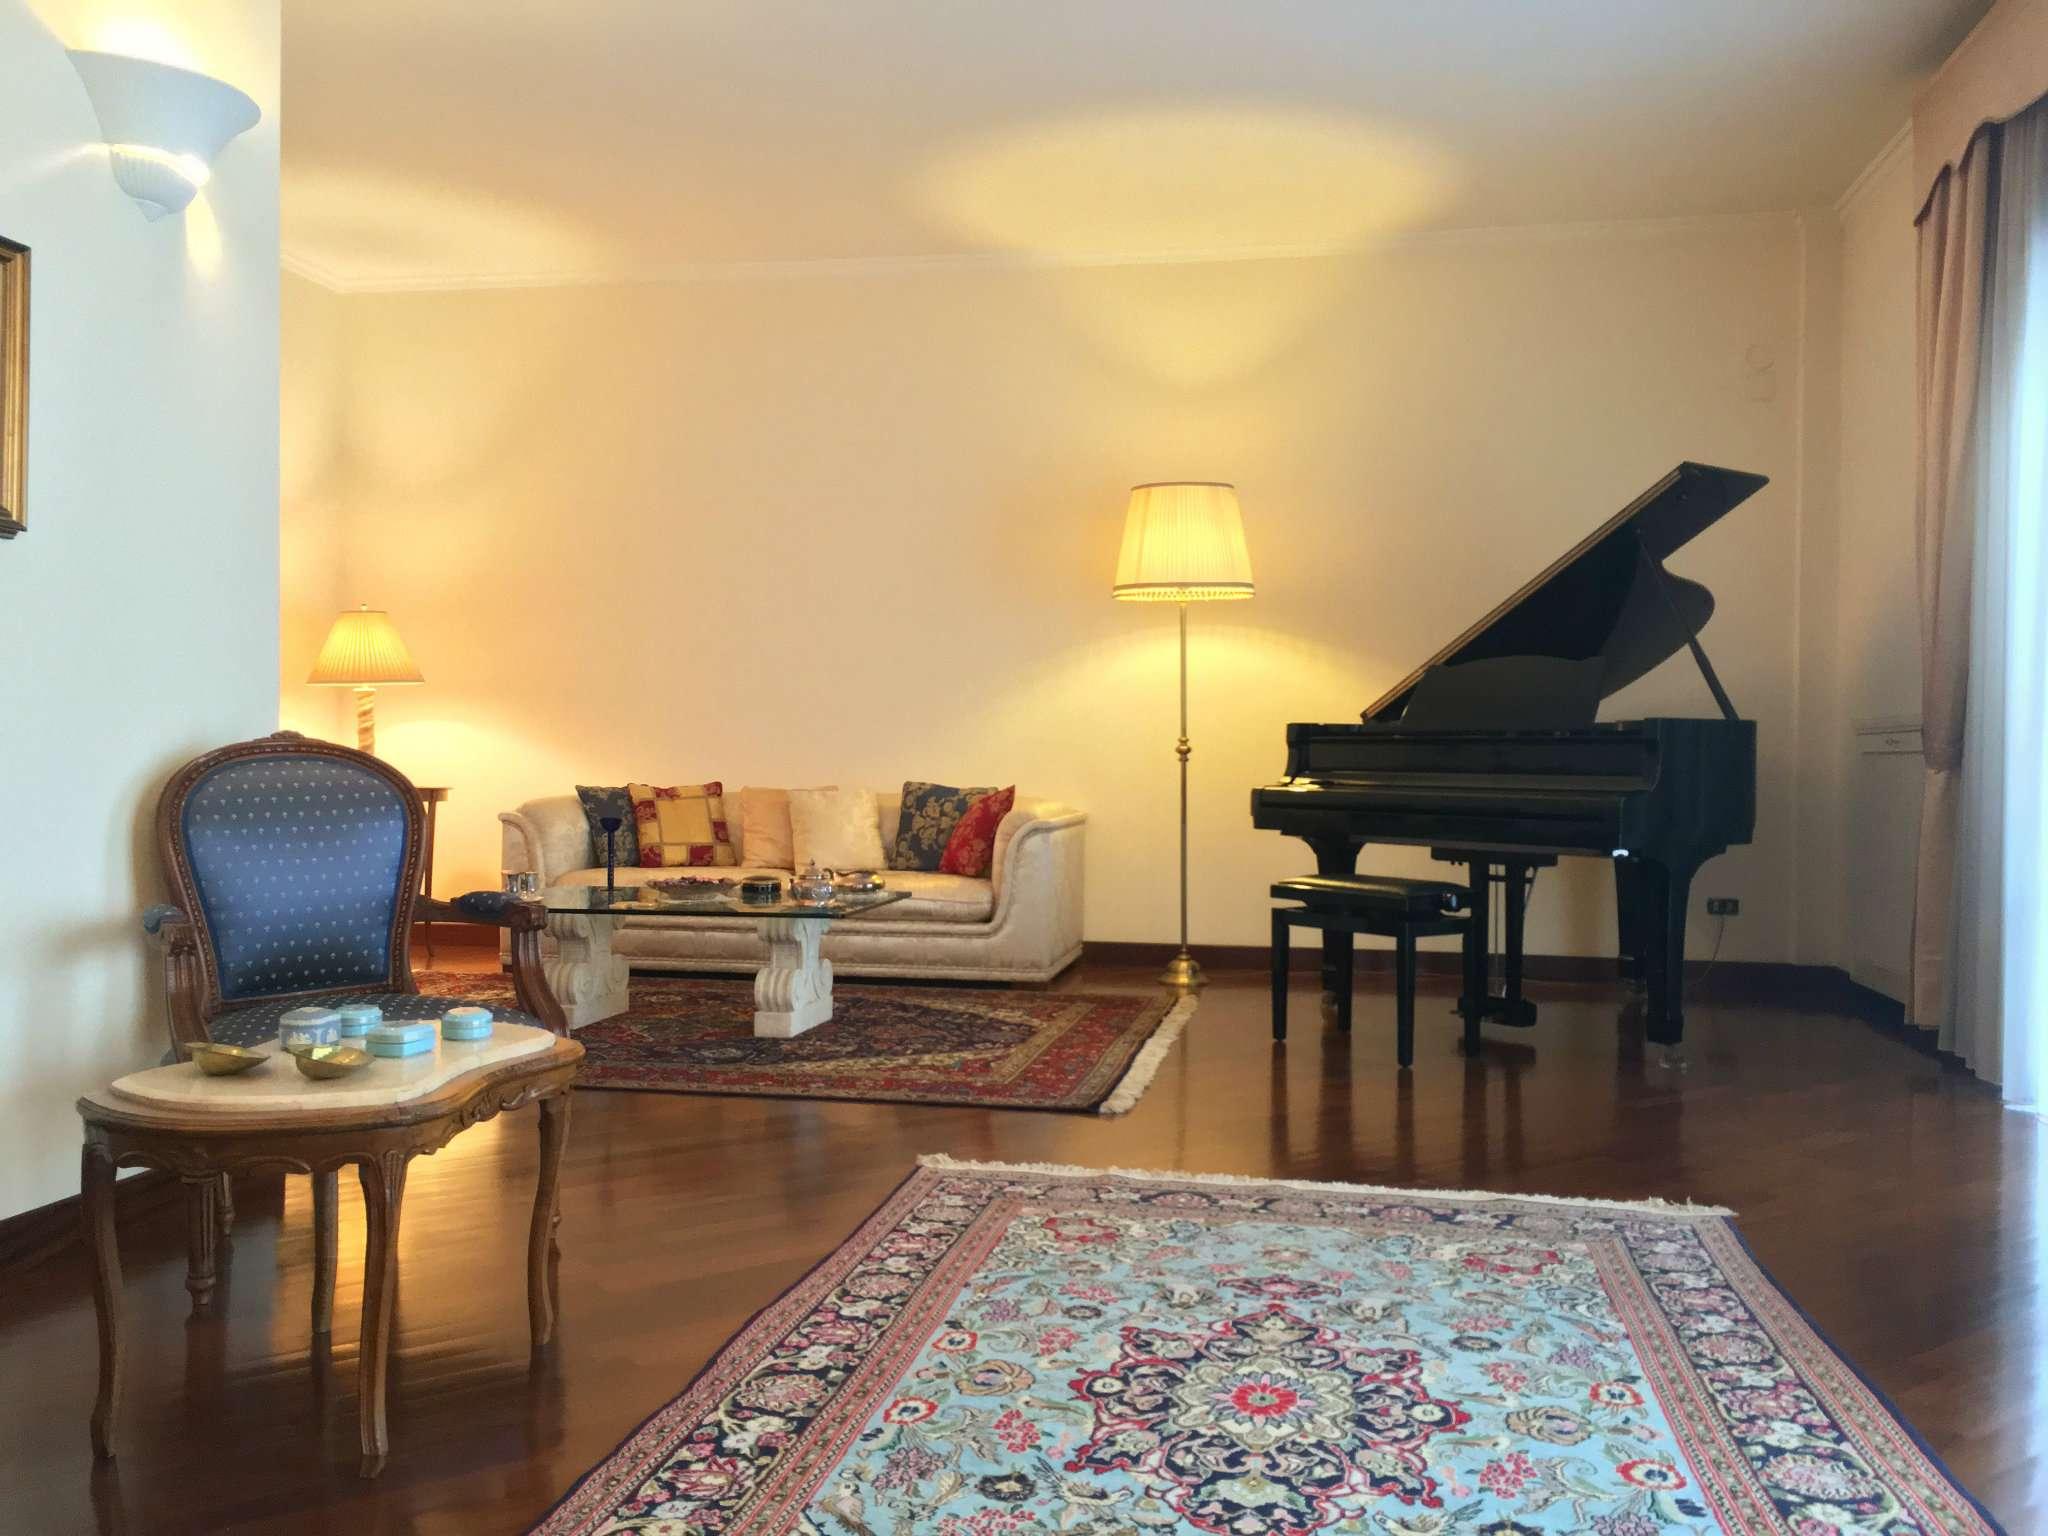 Villa in vendita a San Sebastiano al Vesuvio, 8 locali, prezzo € 650.000 | CambioCasa.it